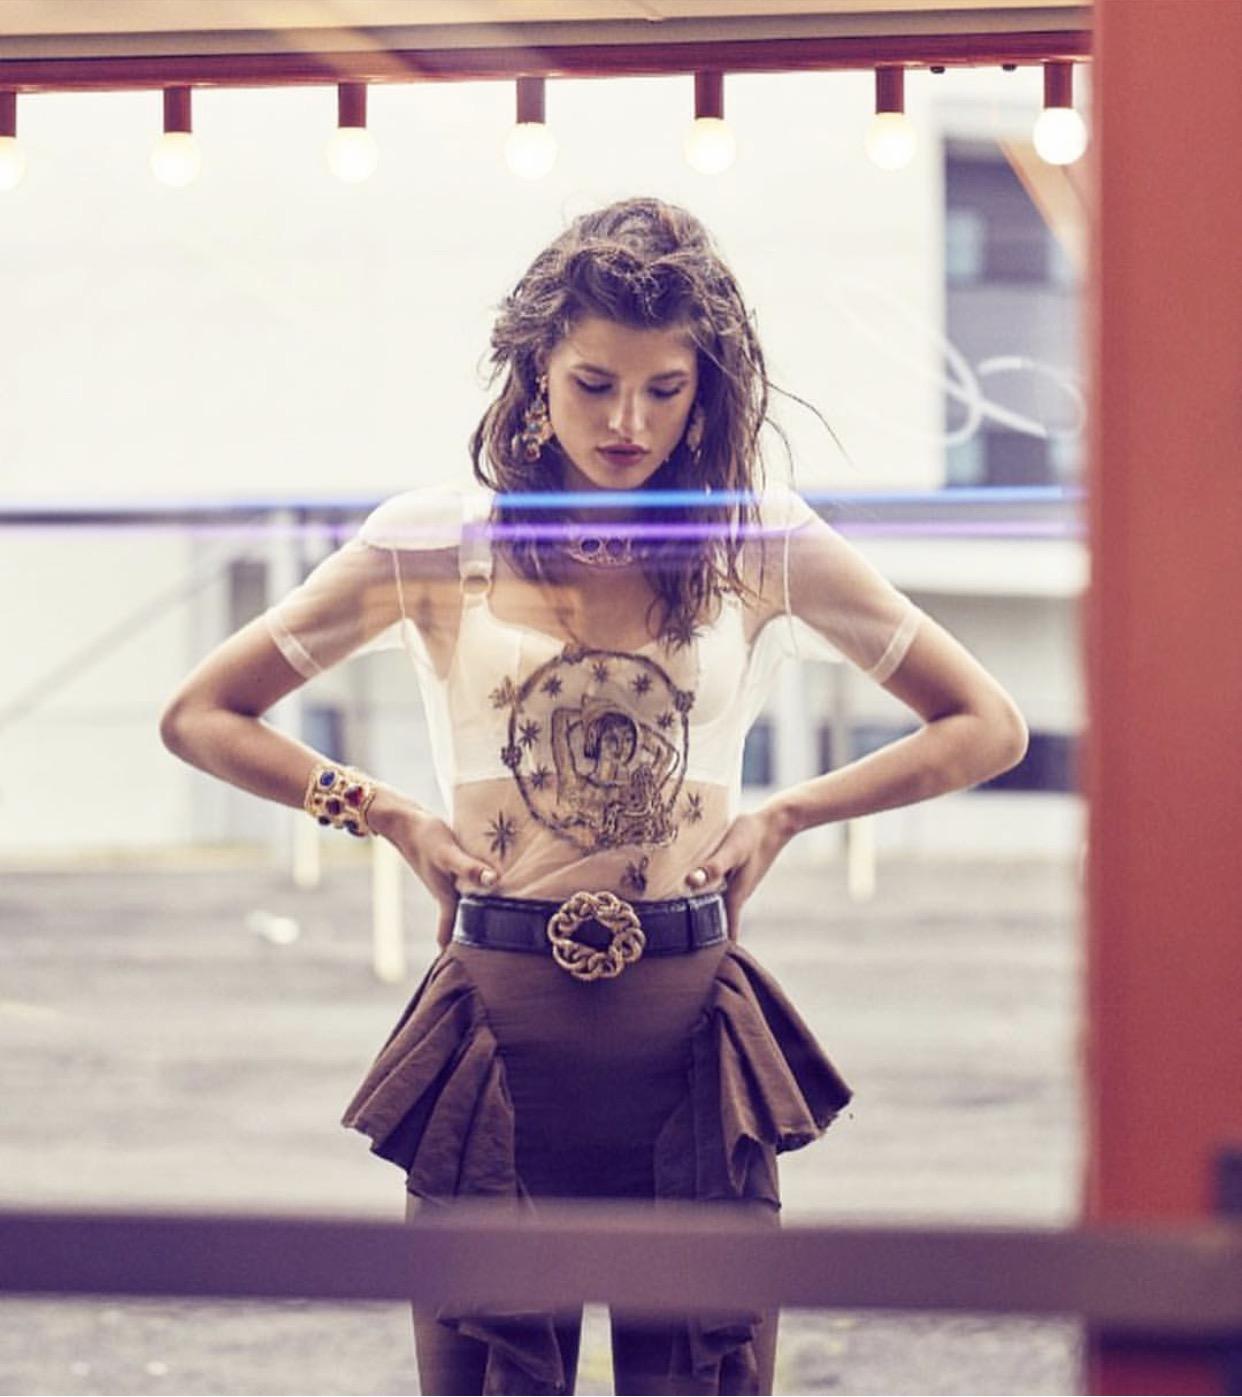 Christie Nicolaides, Agnes Earrings  - Image via Vogue Australia